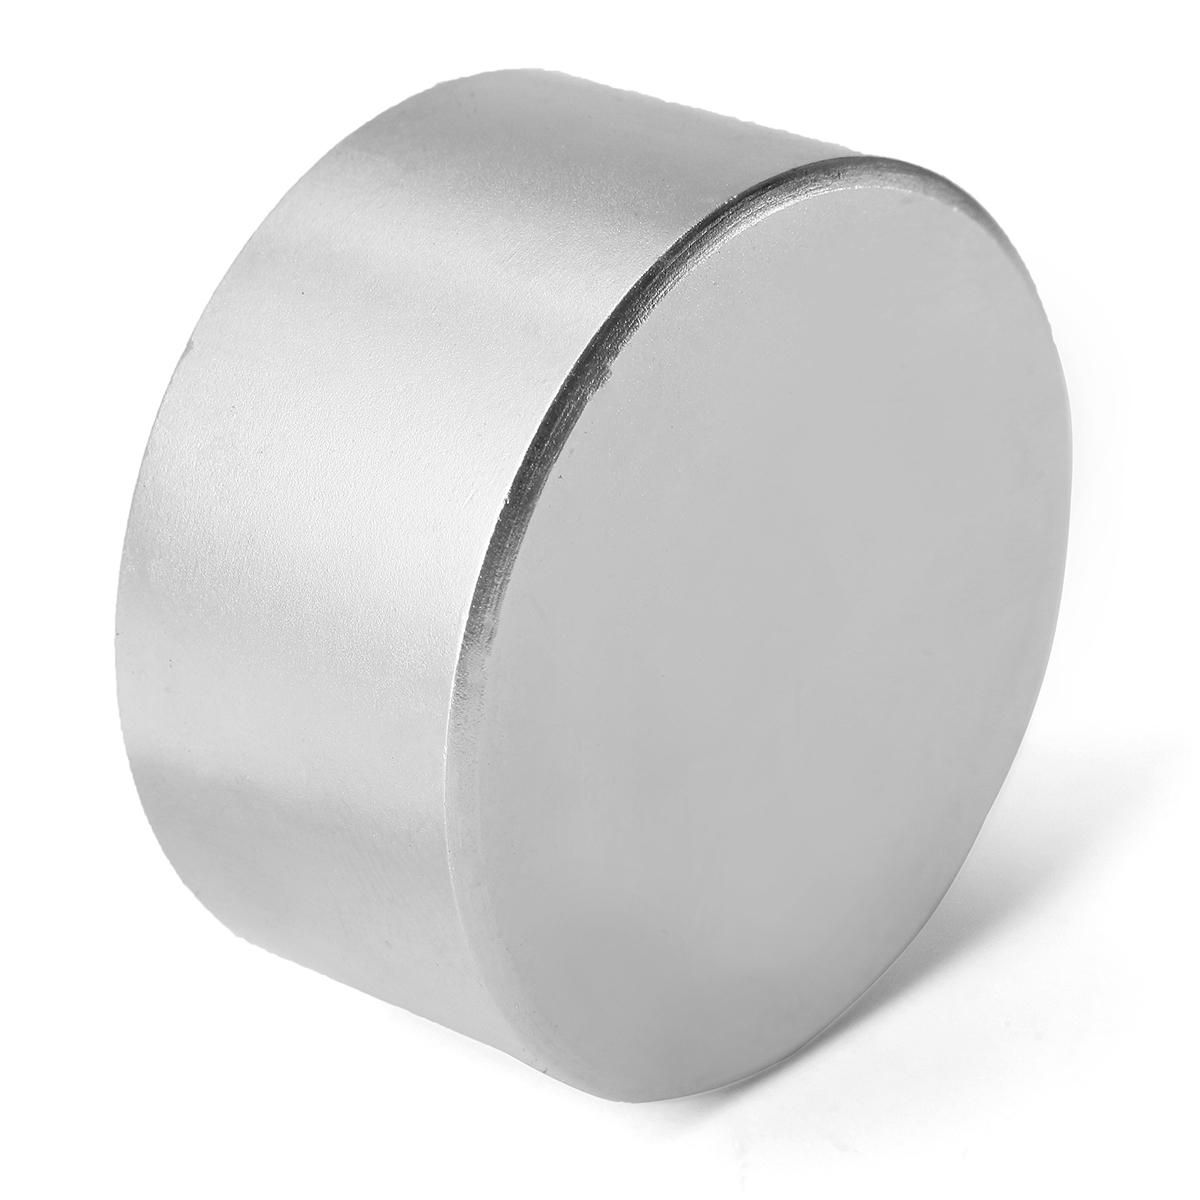 150 kg Diam/ètre x 60 mm x 15 mm pour la P/êche et la R/écup/ération sur Magnet TooTaci Aimant Rond de P/êche /à /œil Rond en N/éodyme avec Corde Noire de 66ft Force de Traction Super Power N52 330LB